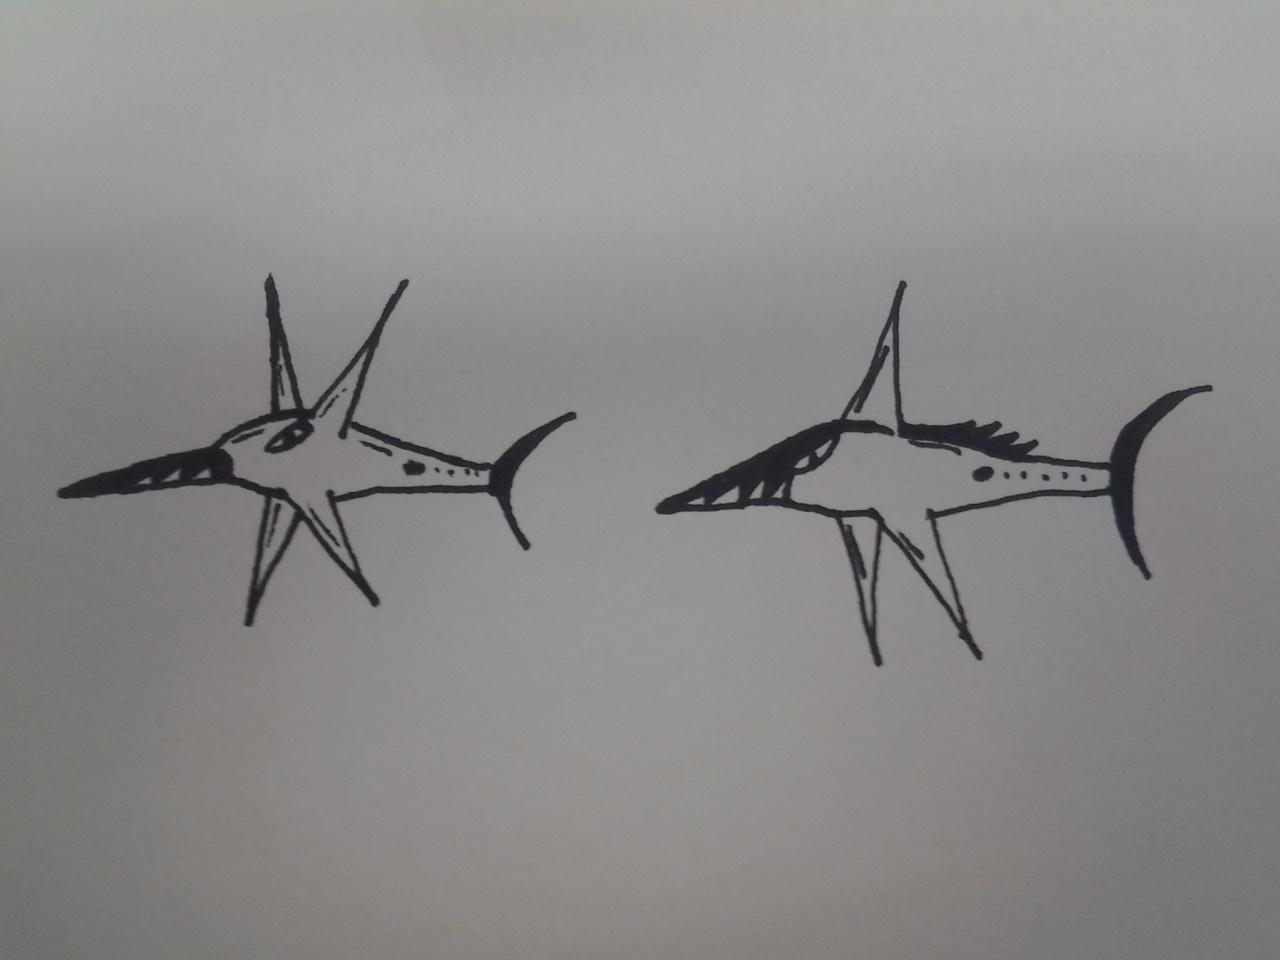 Pokémon-Zeichnung: Stahlfische?